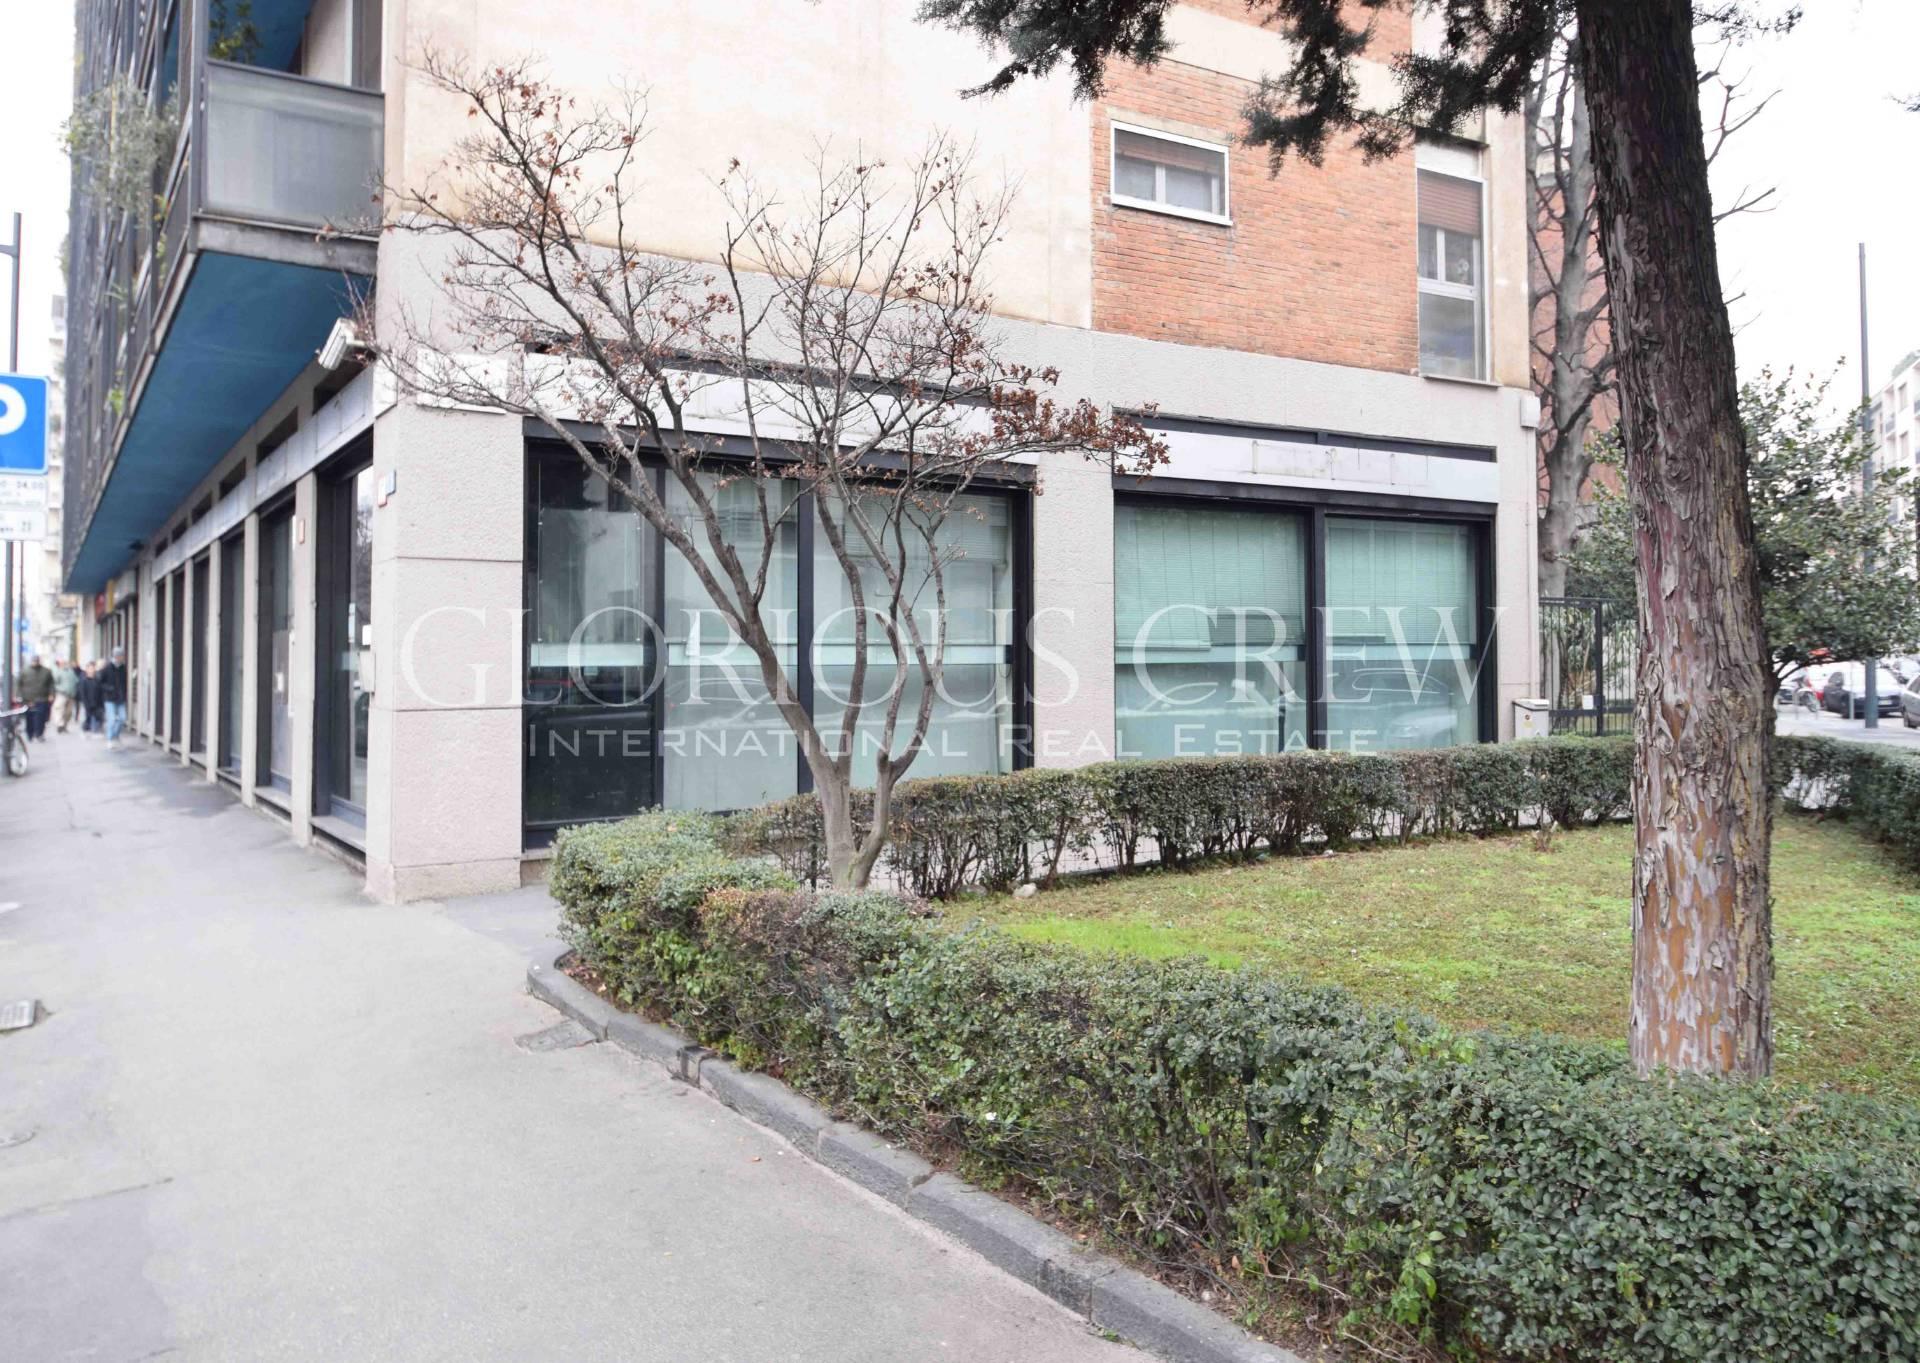 Negozio-locale in Vendita a Milano:  5 locali, 505 mq  - Foto 1